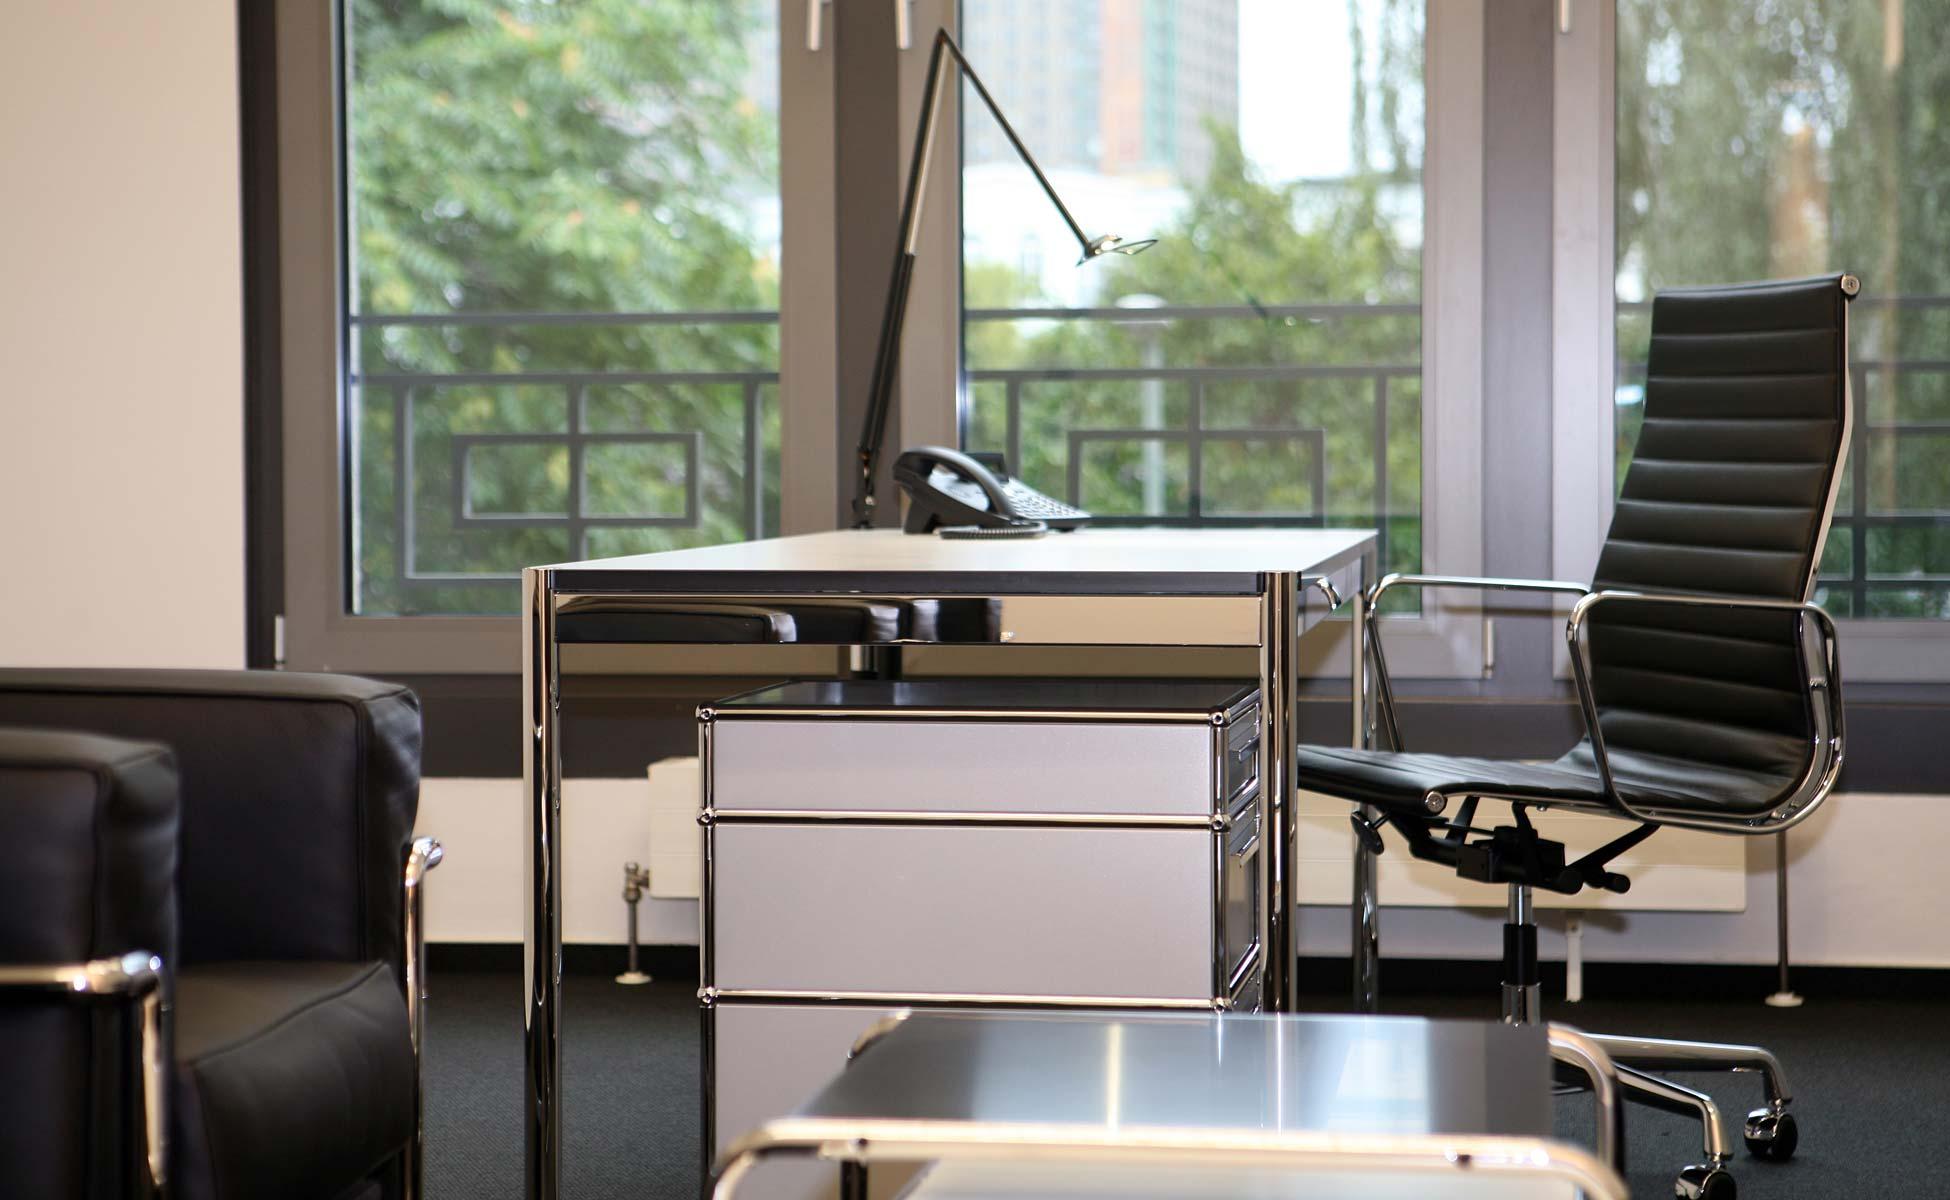 Büroeinrichtung - Vitra EA 119 Bürostuhl von steidten+ Berlin